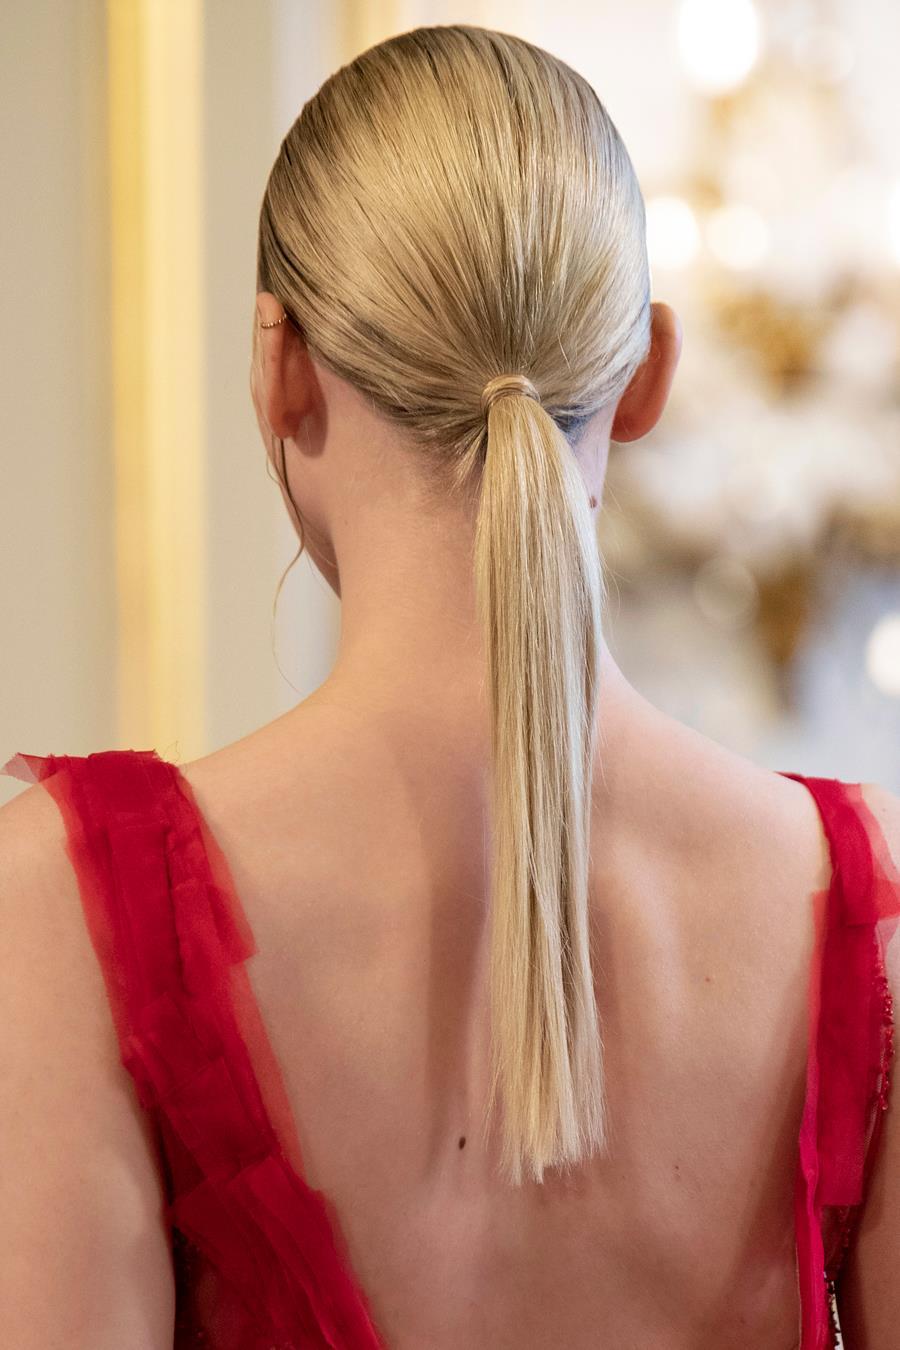 Banging peinados pelo rizado largo faciles Fotos de cortes de pelo tutoriales - 6 peinados rápidos y fáciles para pelo largo | Cromos